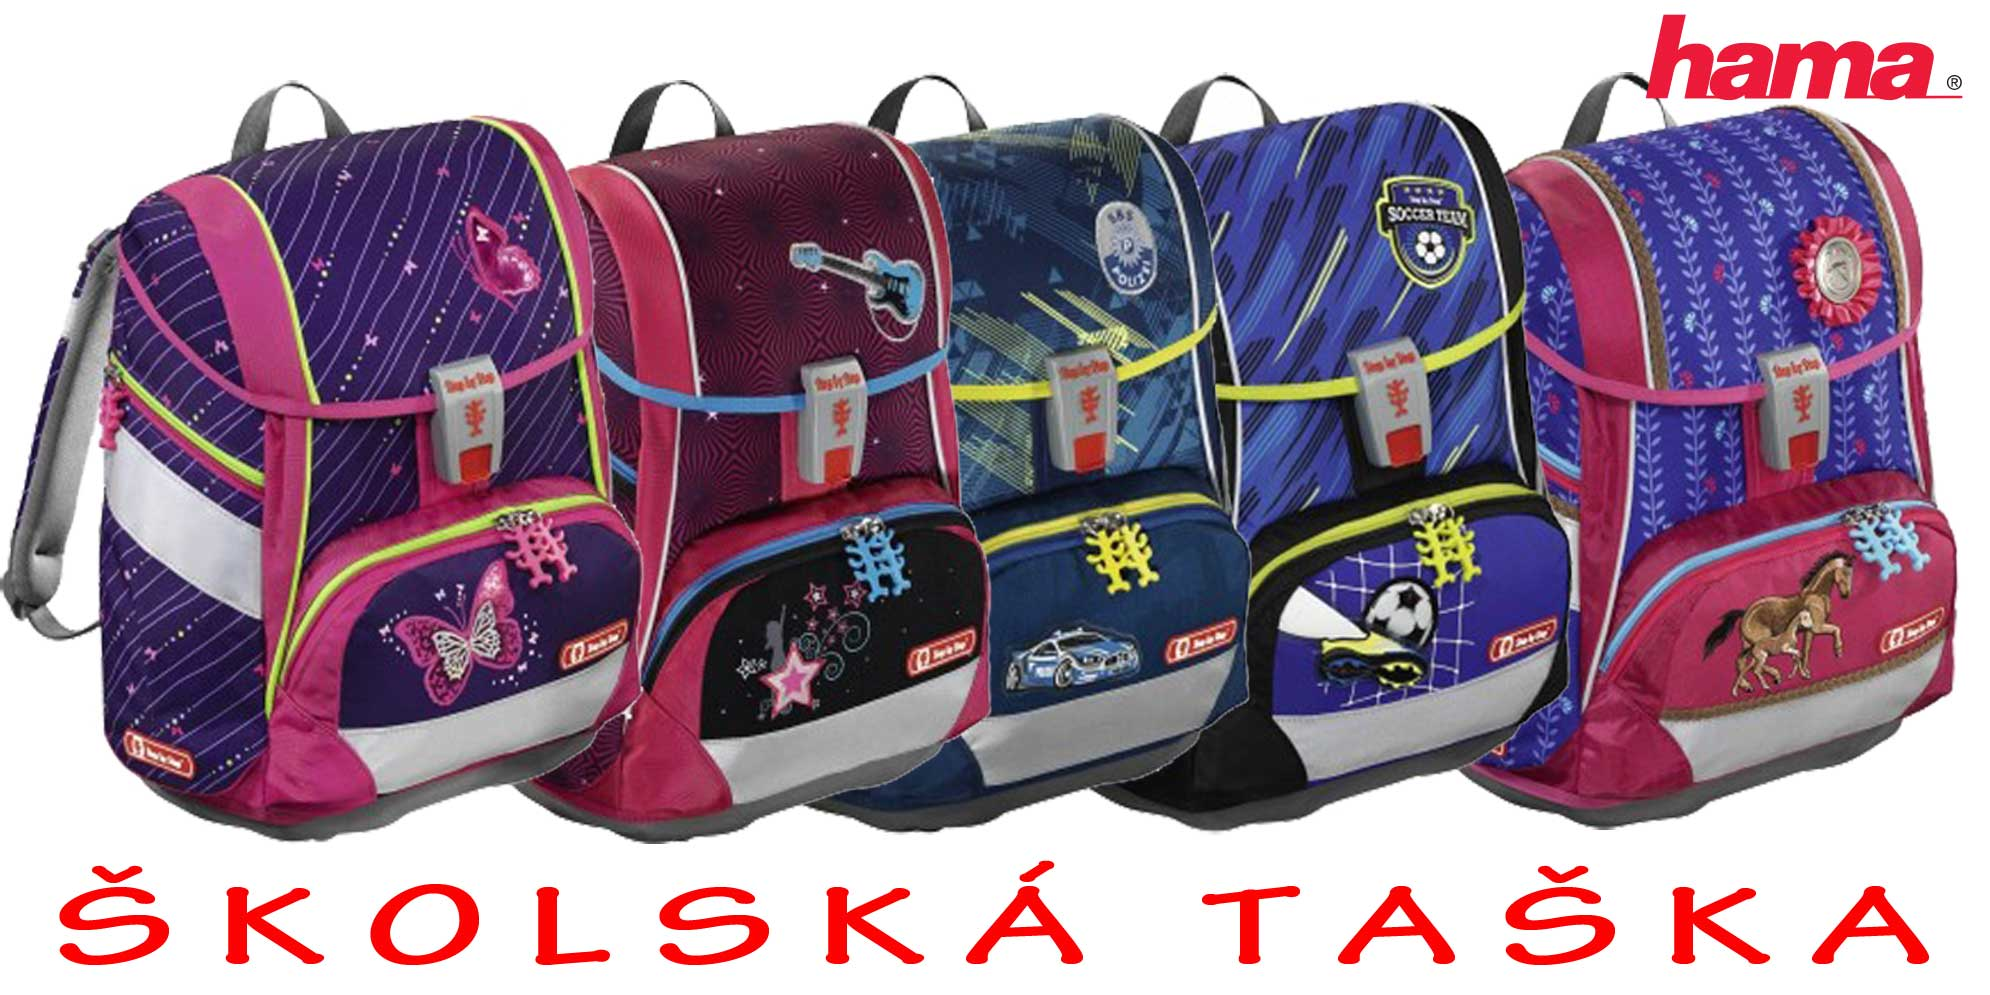 26d8c5ca1a Školská taška predaj